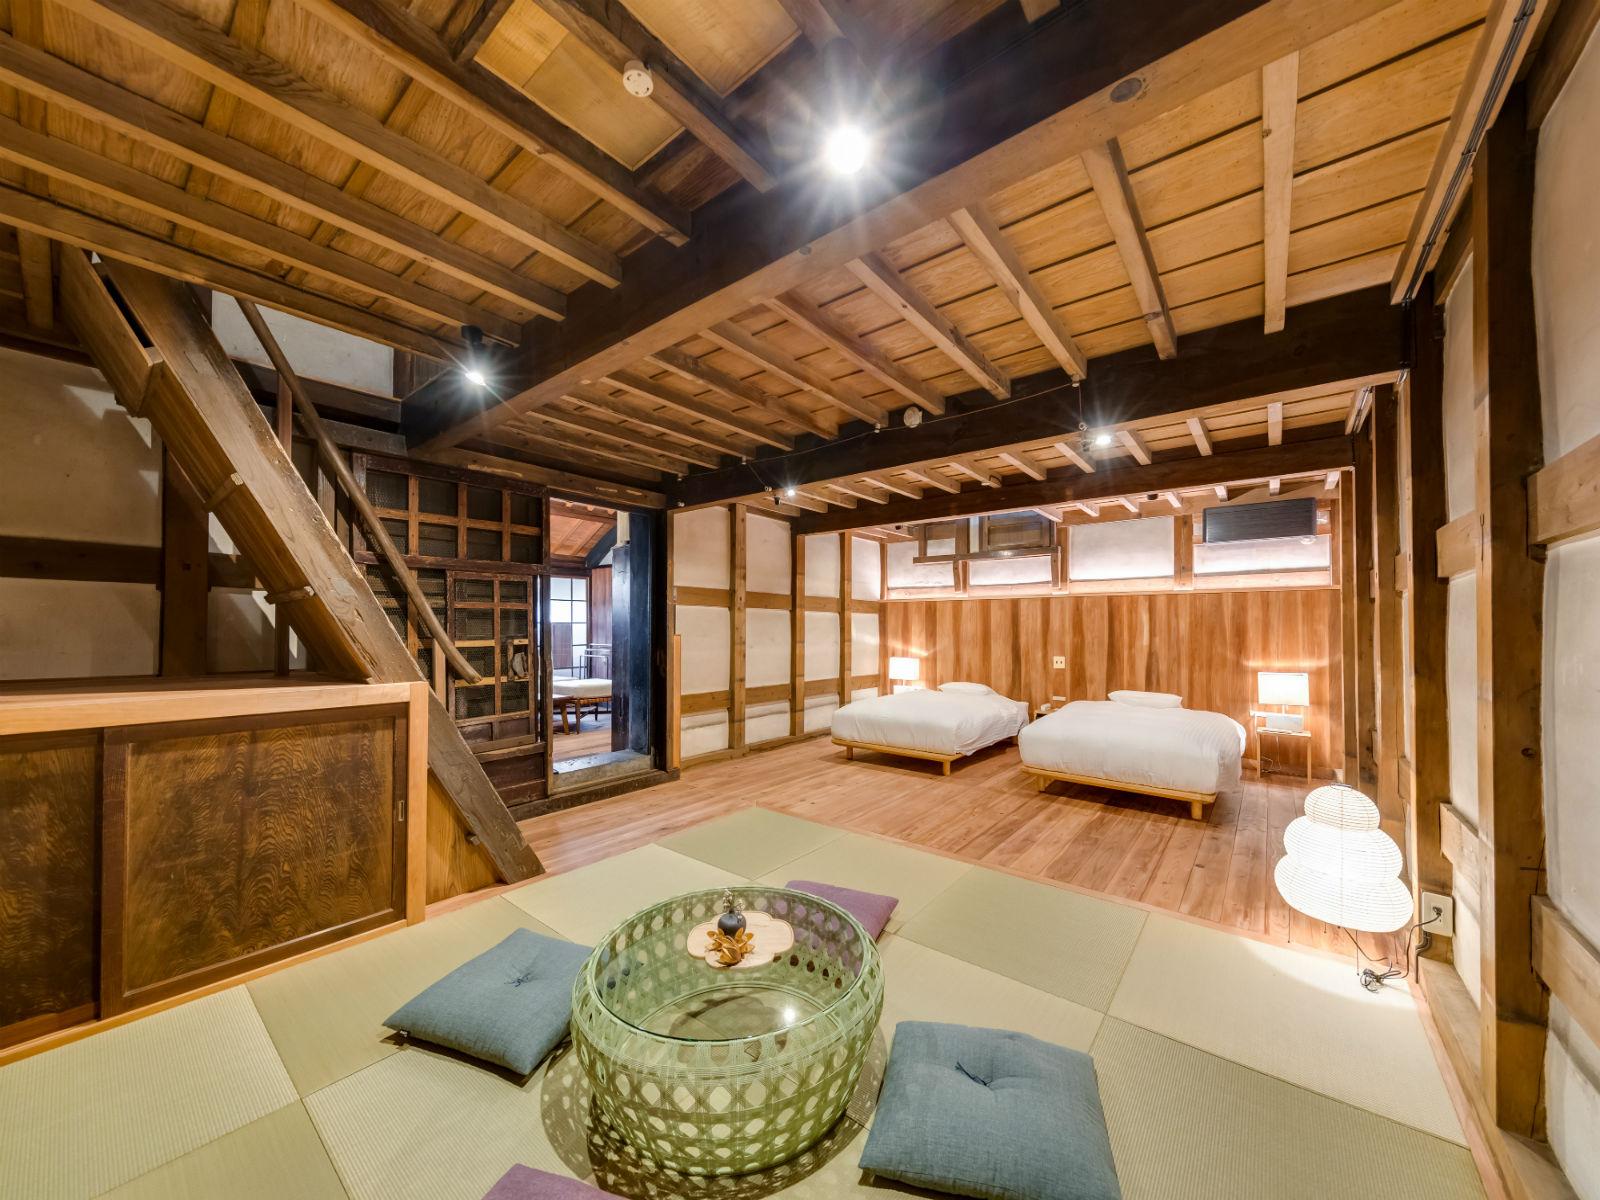 広島の旅で泊まれる古民家ホテル